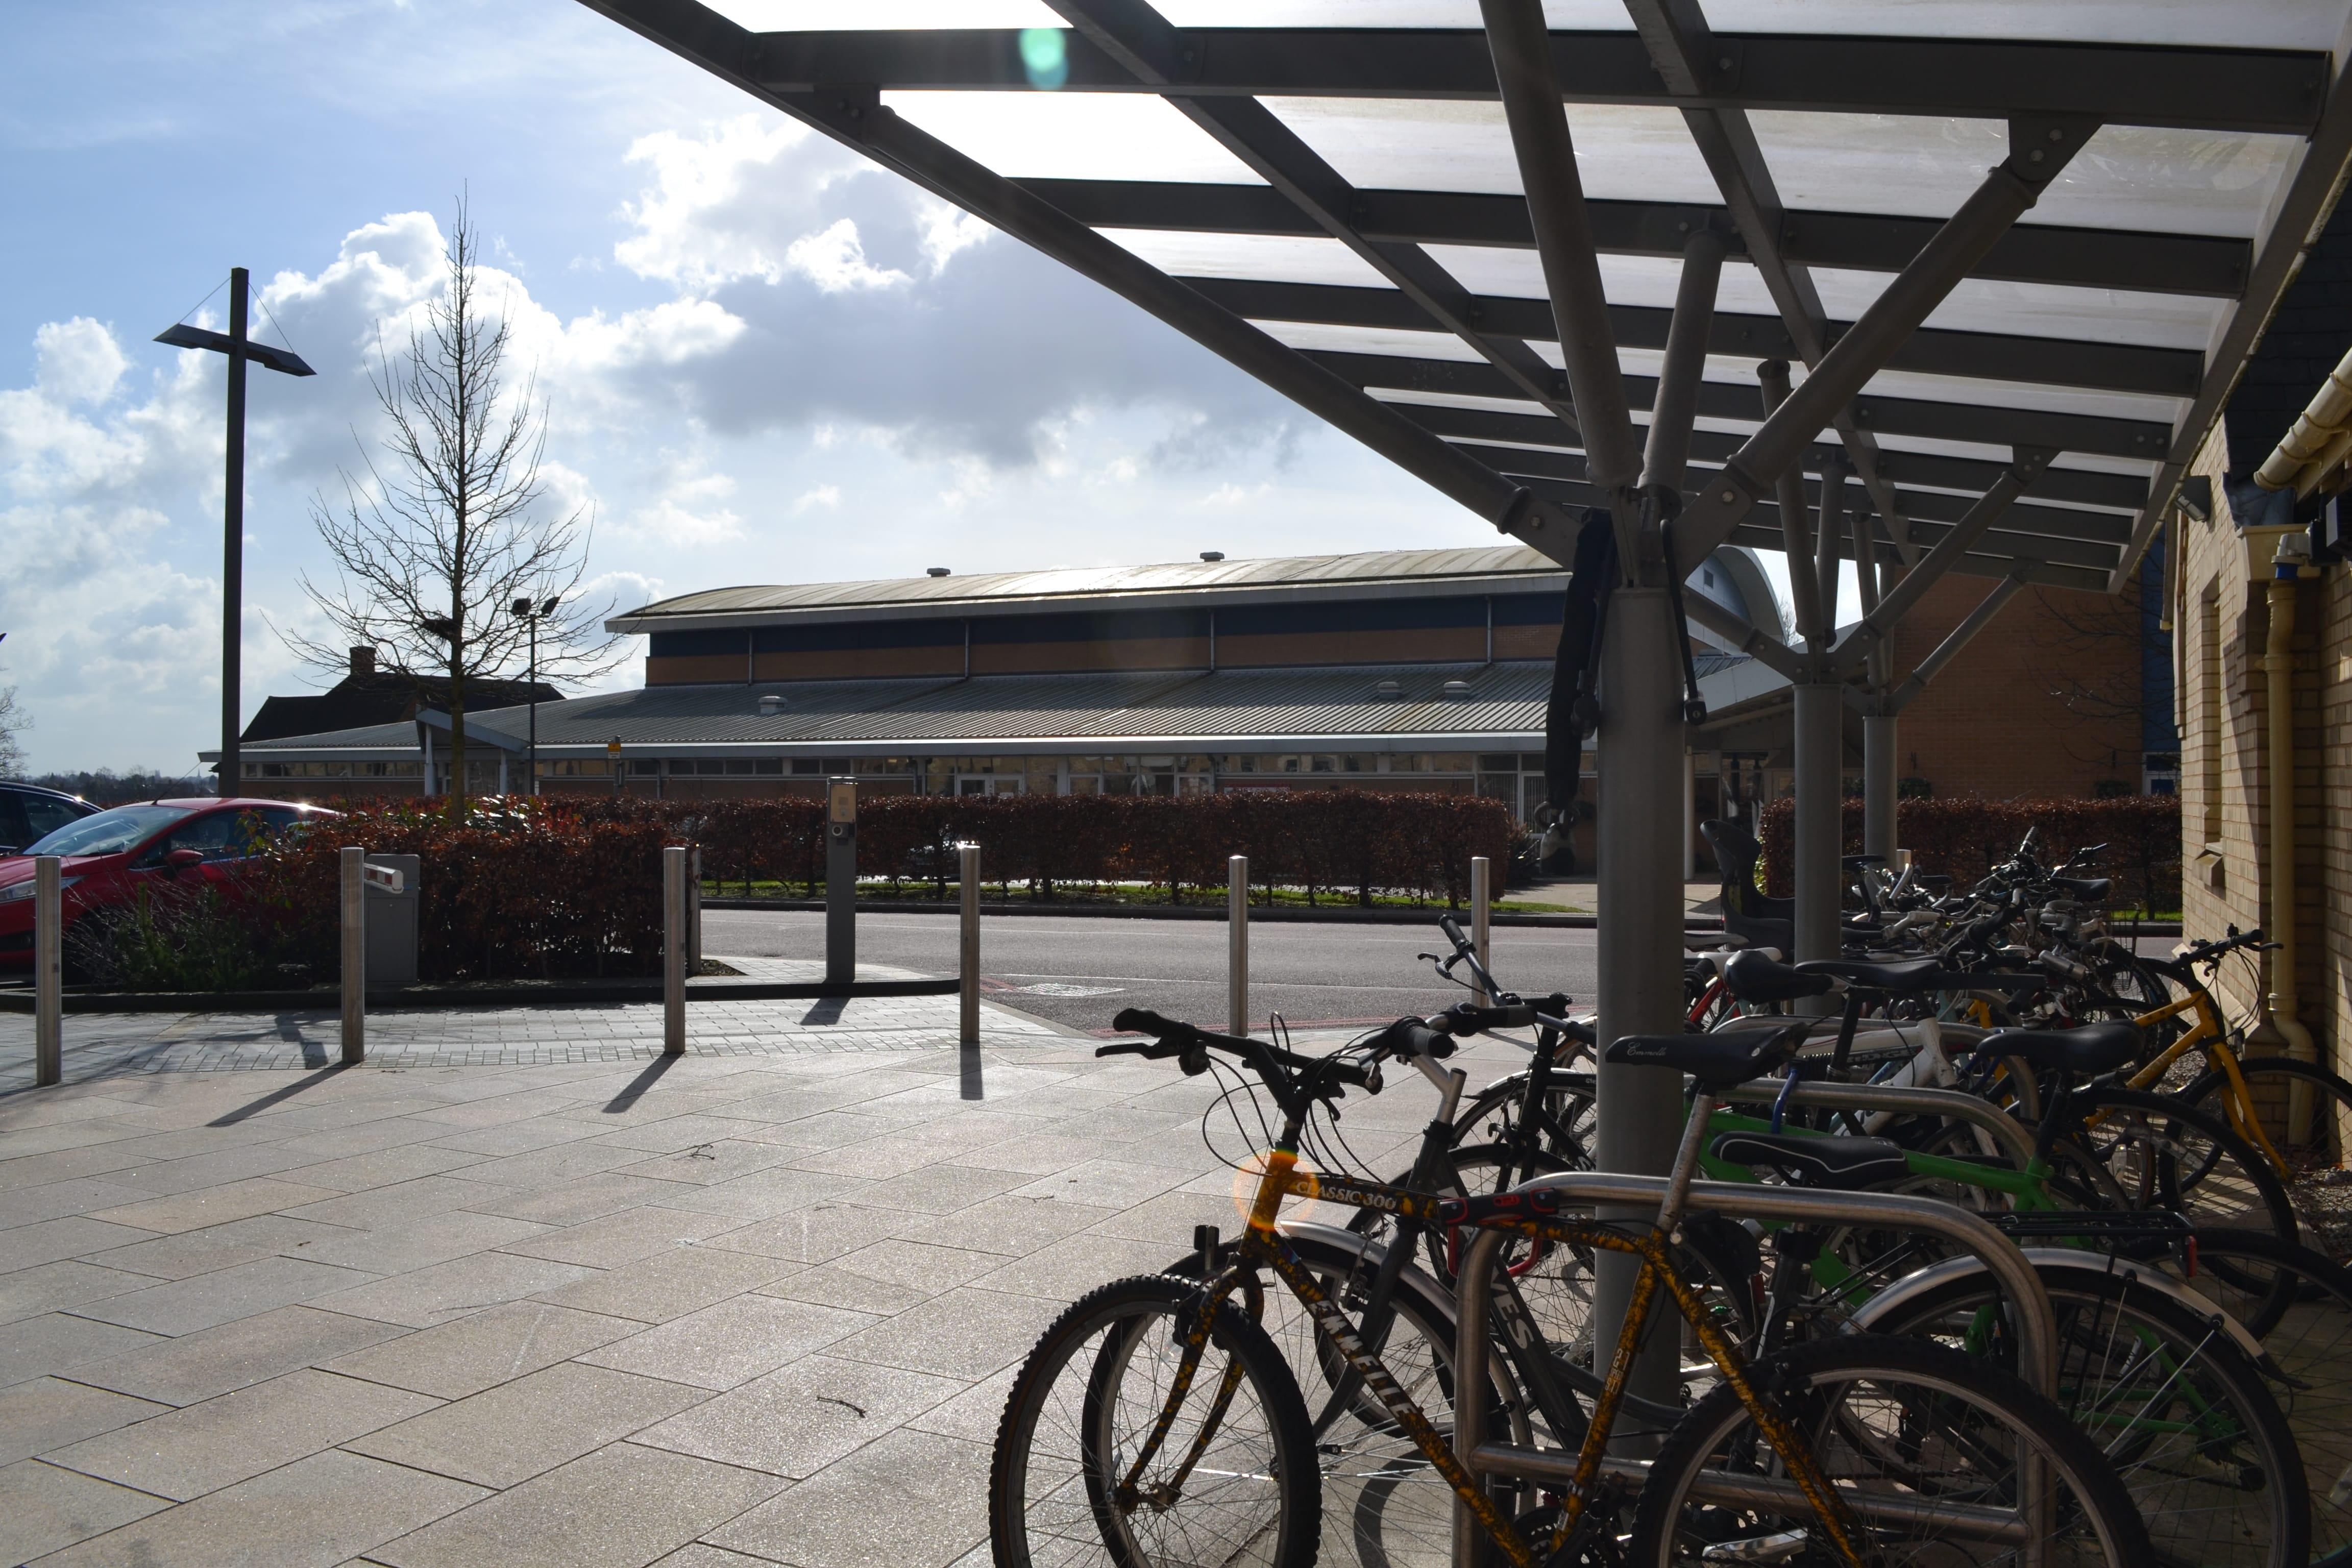 Огромный Спорт центр со всевозможным тренажерным оборудованием, бассейном и игровыми полями для студентов.